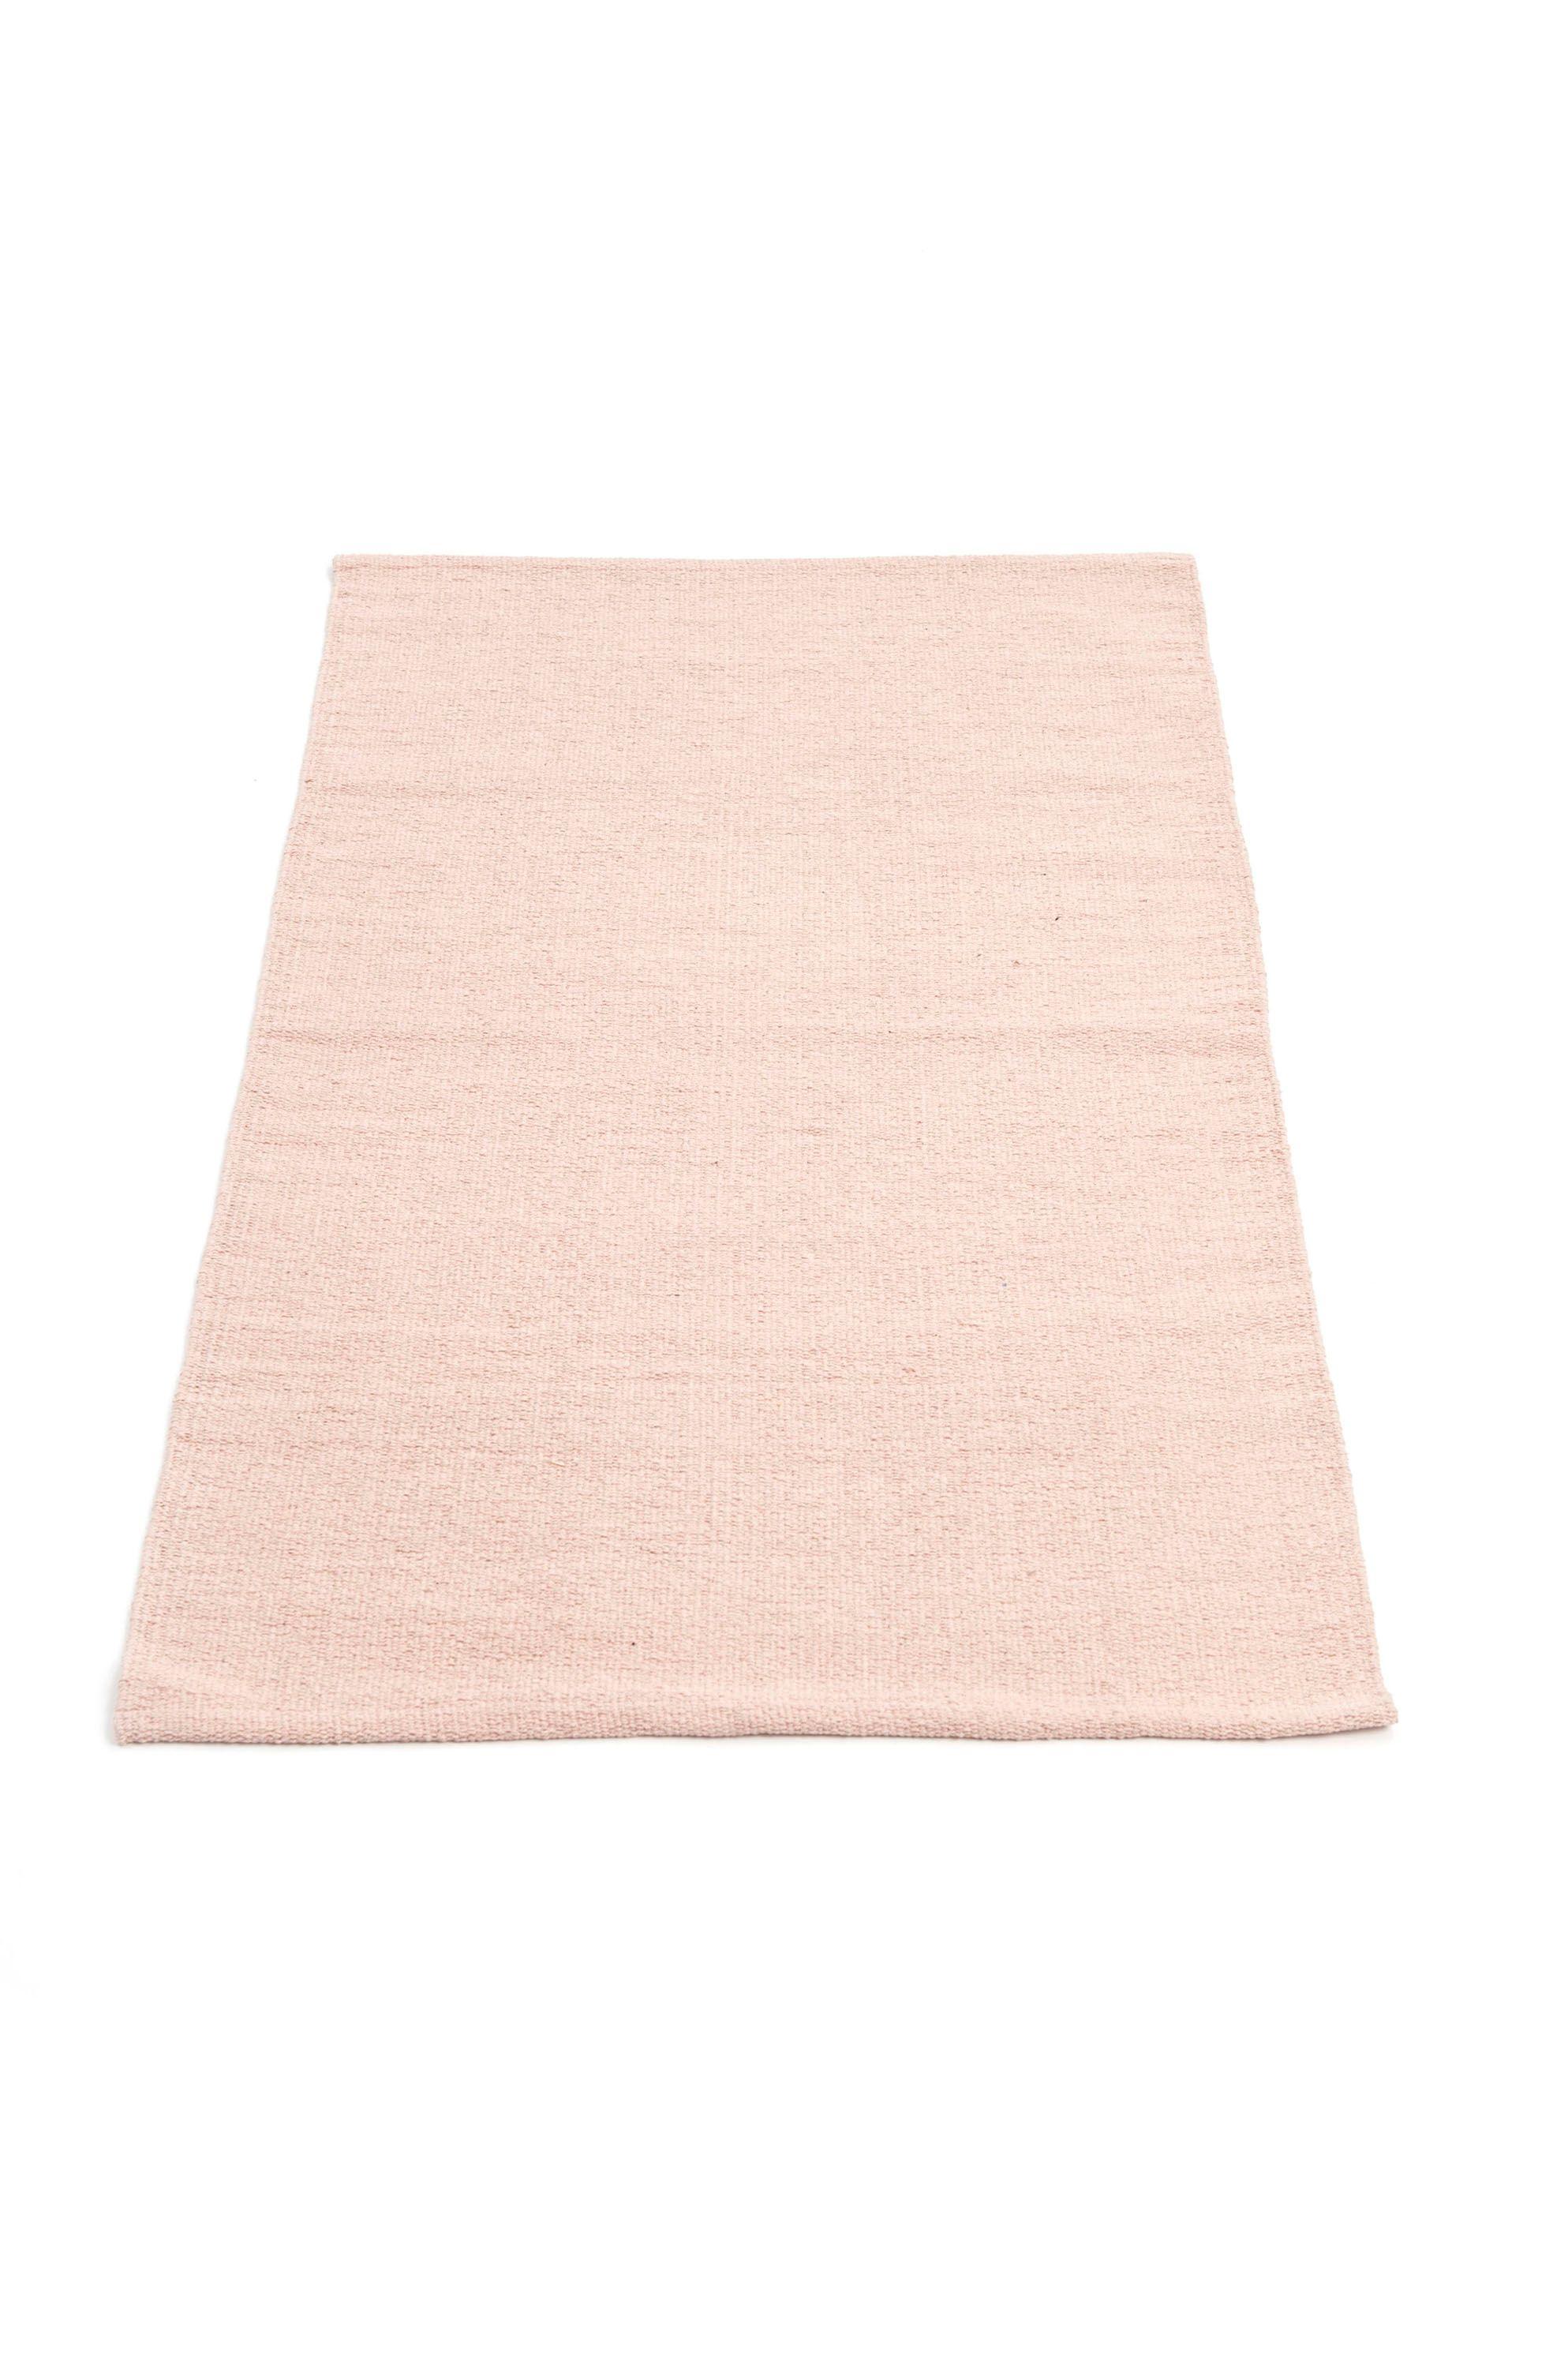 Smallstuff - Carpet Runner 70x125 cm - Soft Rose